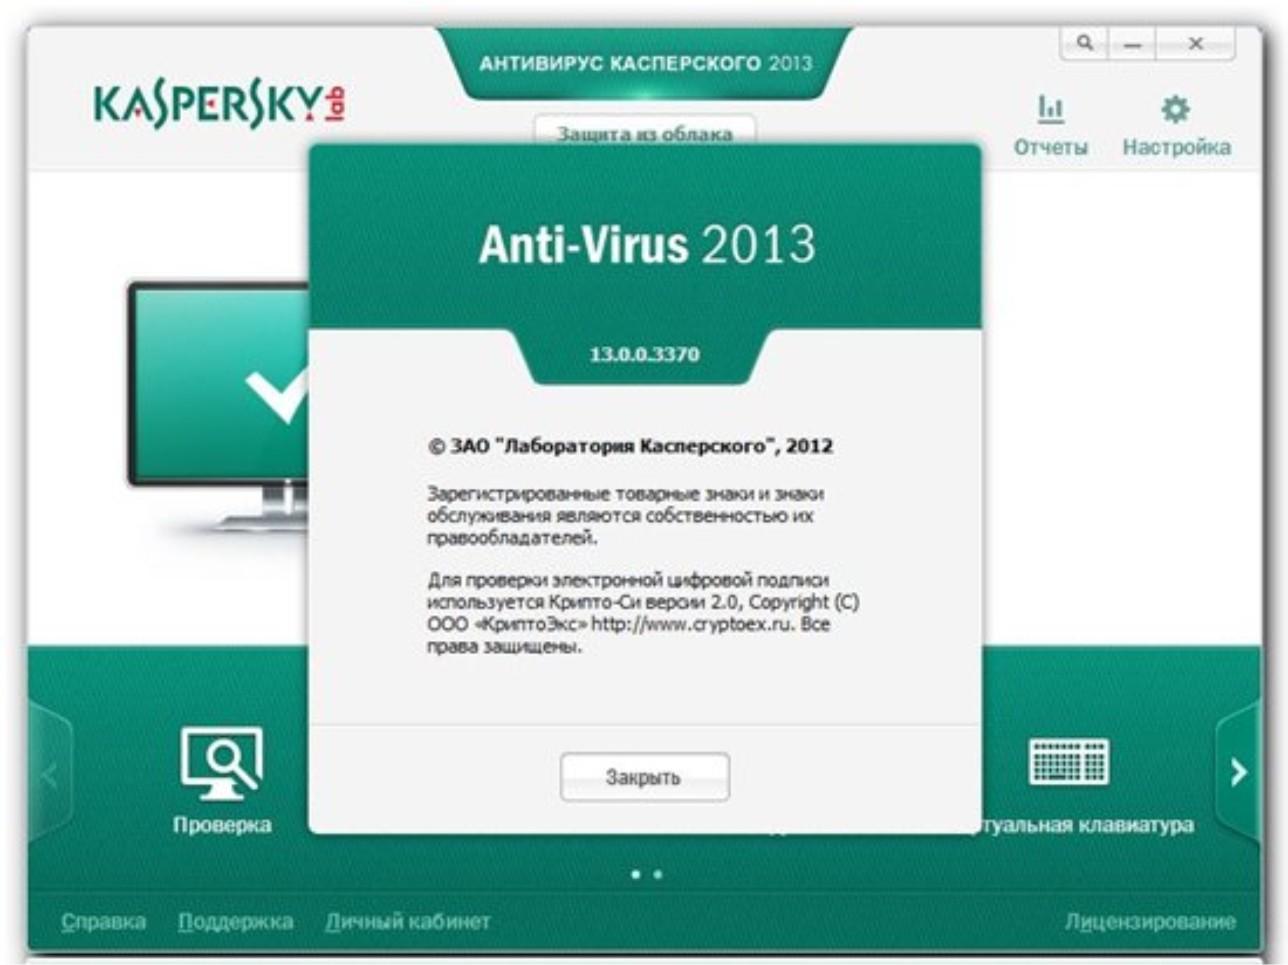 kaspersky total security 2018 v18.0.0.405 activation code - crack license key